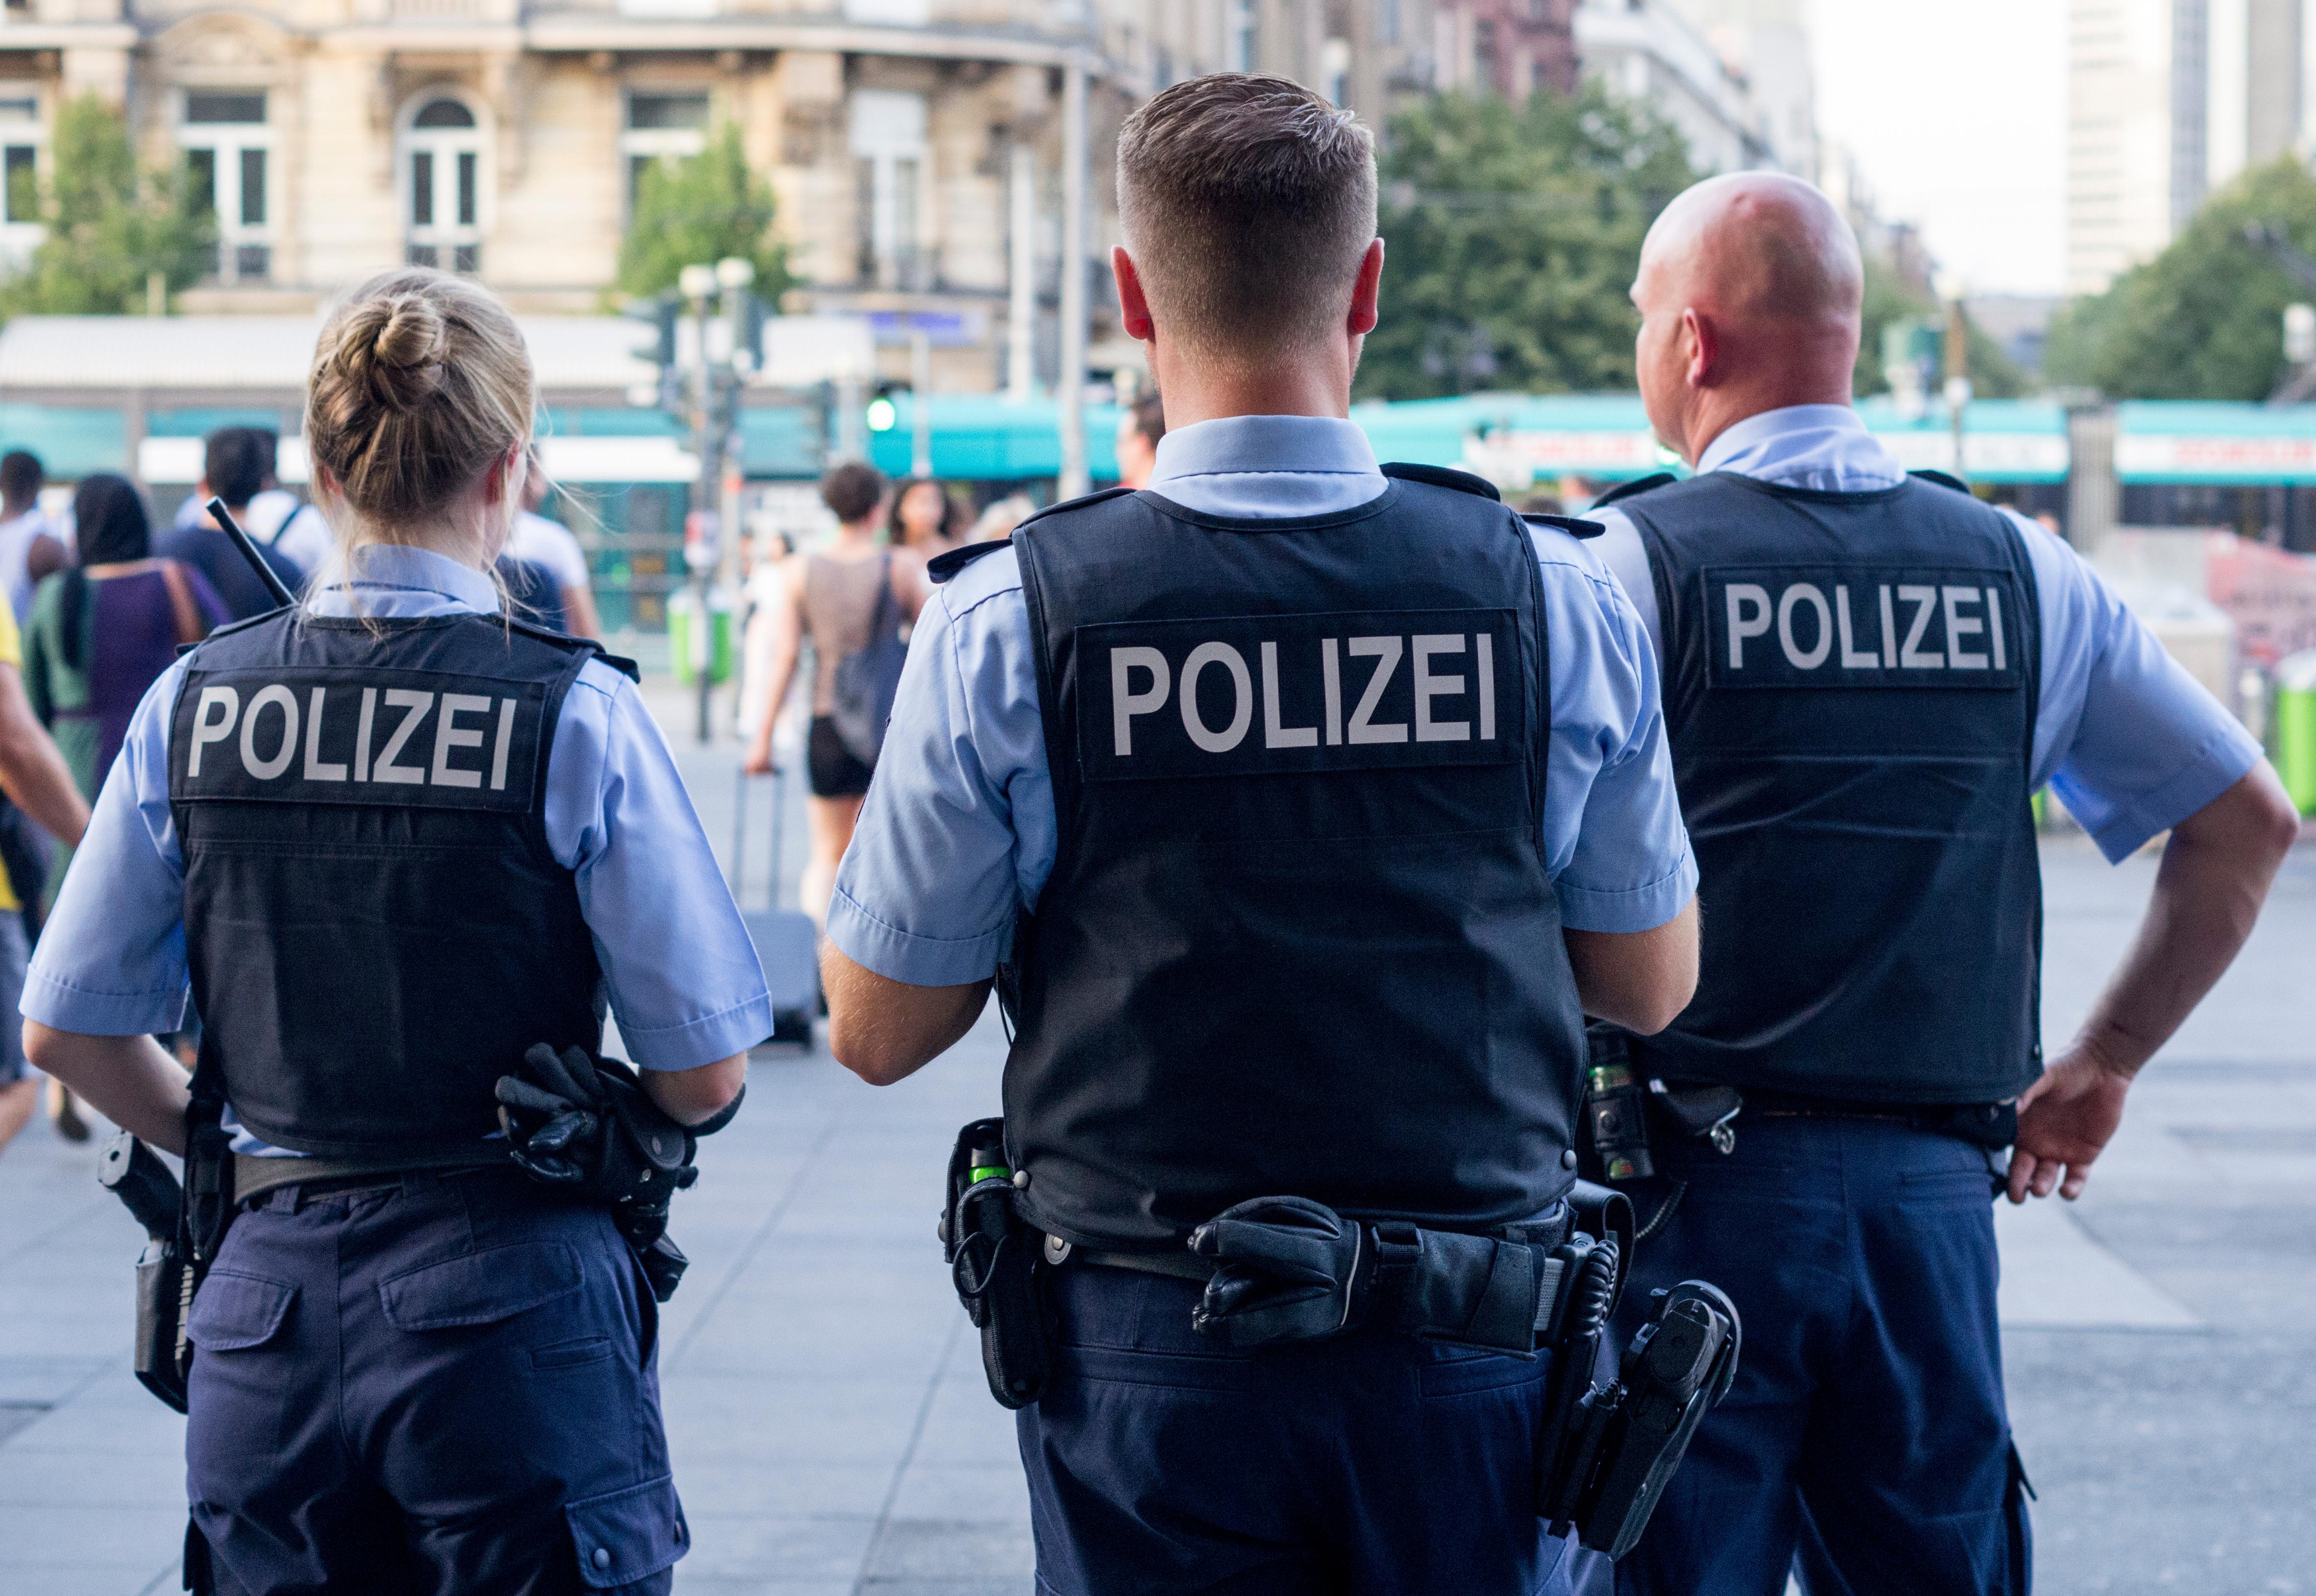 cms/images/new--polizeivollzugsbeamter/Polizeivollzugsbeamter.jpg